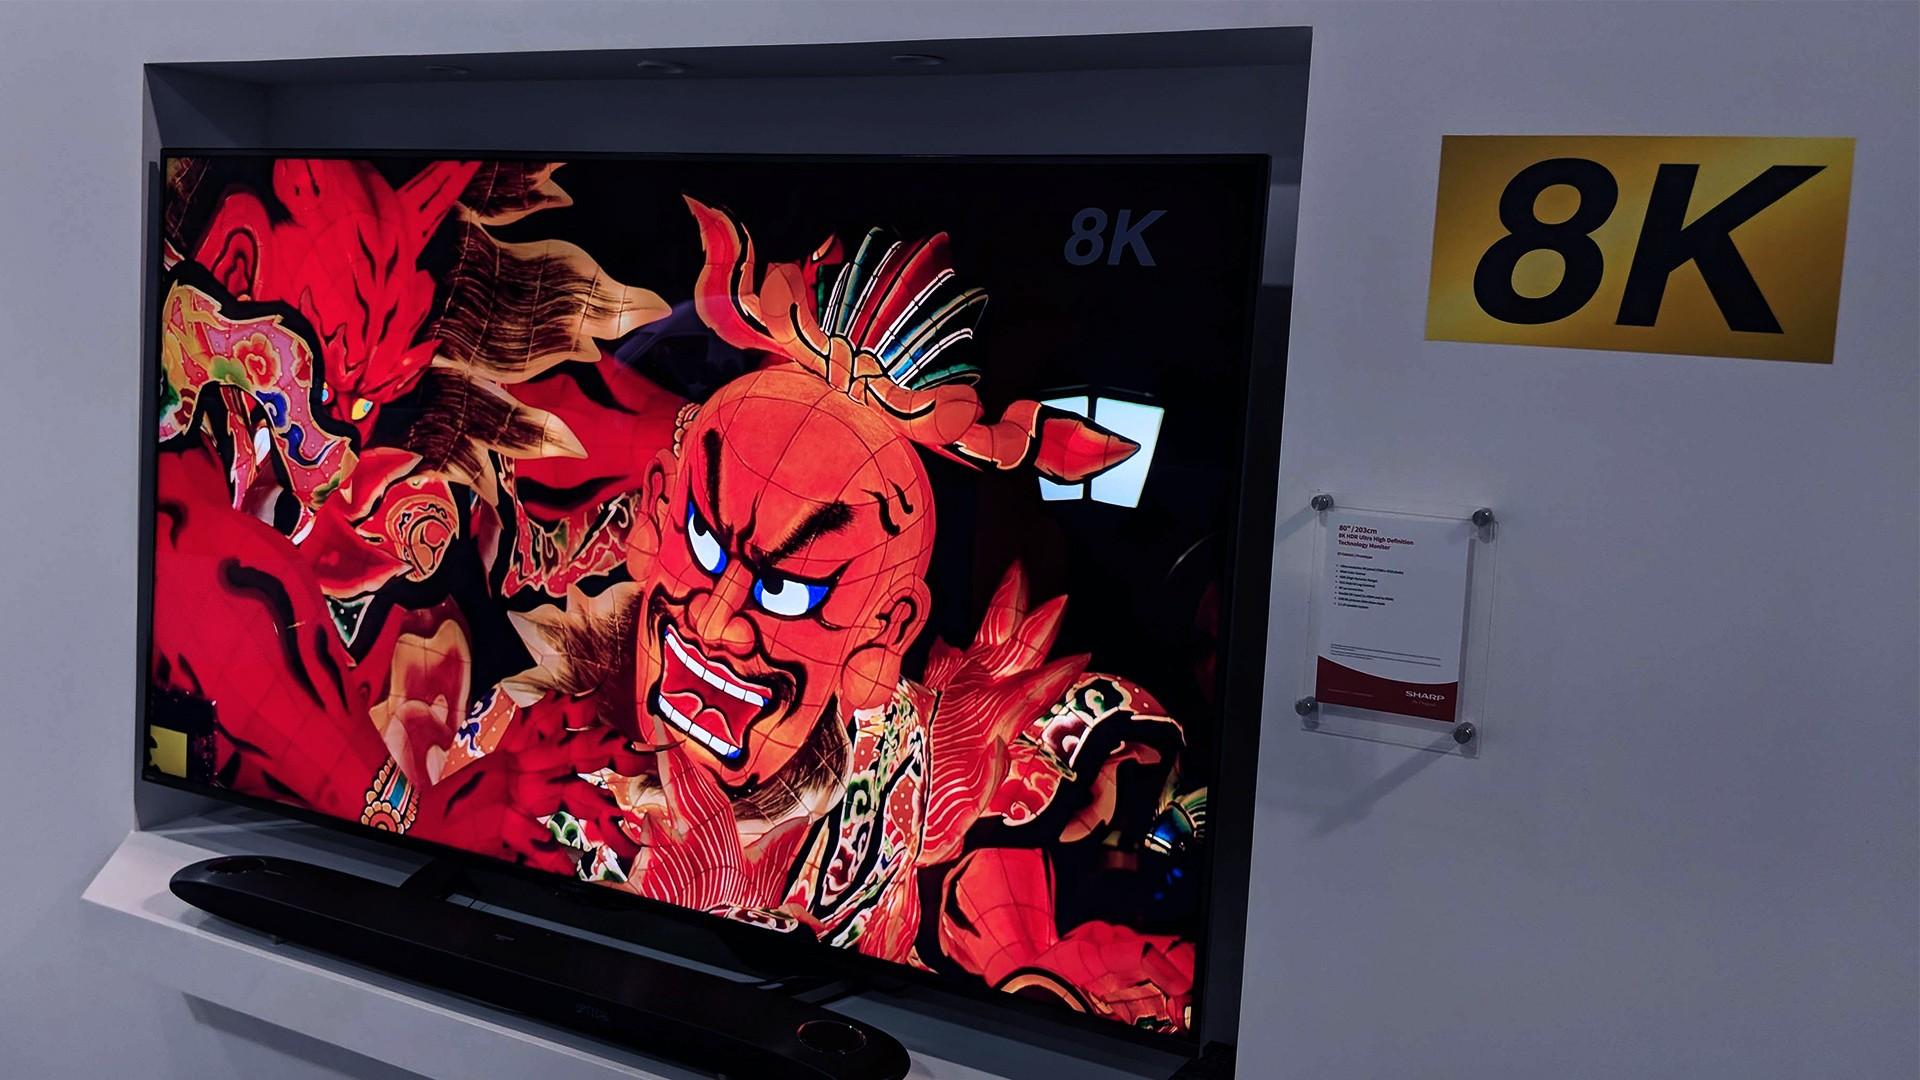 Japon televizyonu 8K'ya geçti!